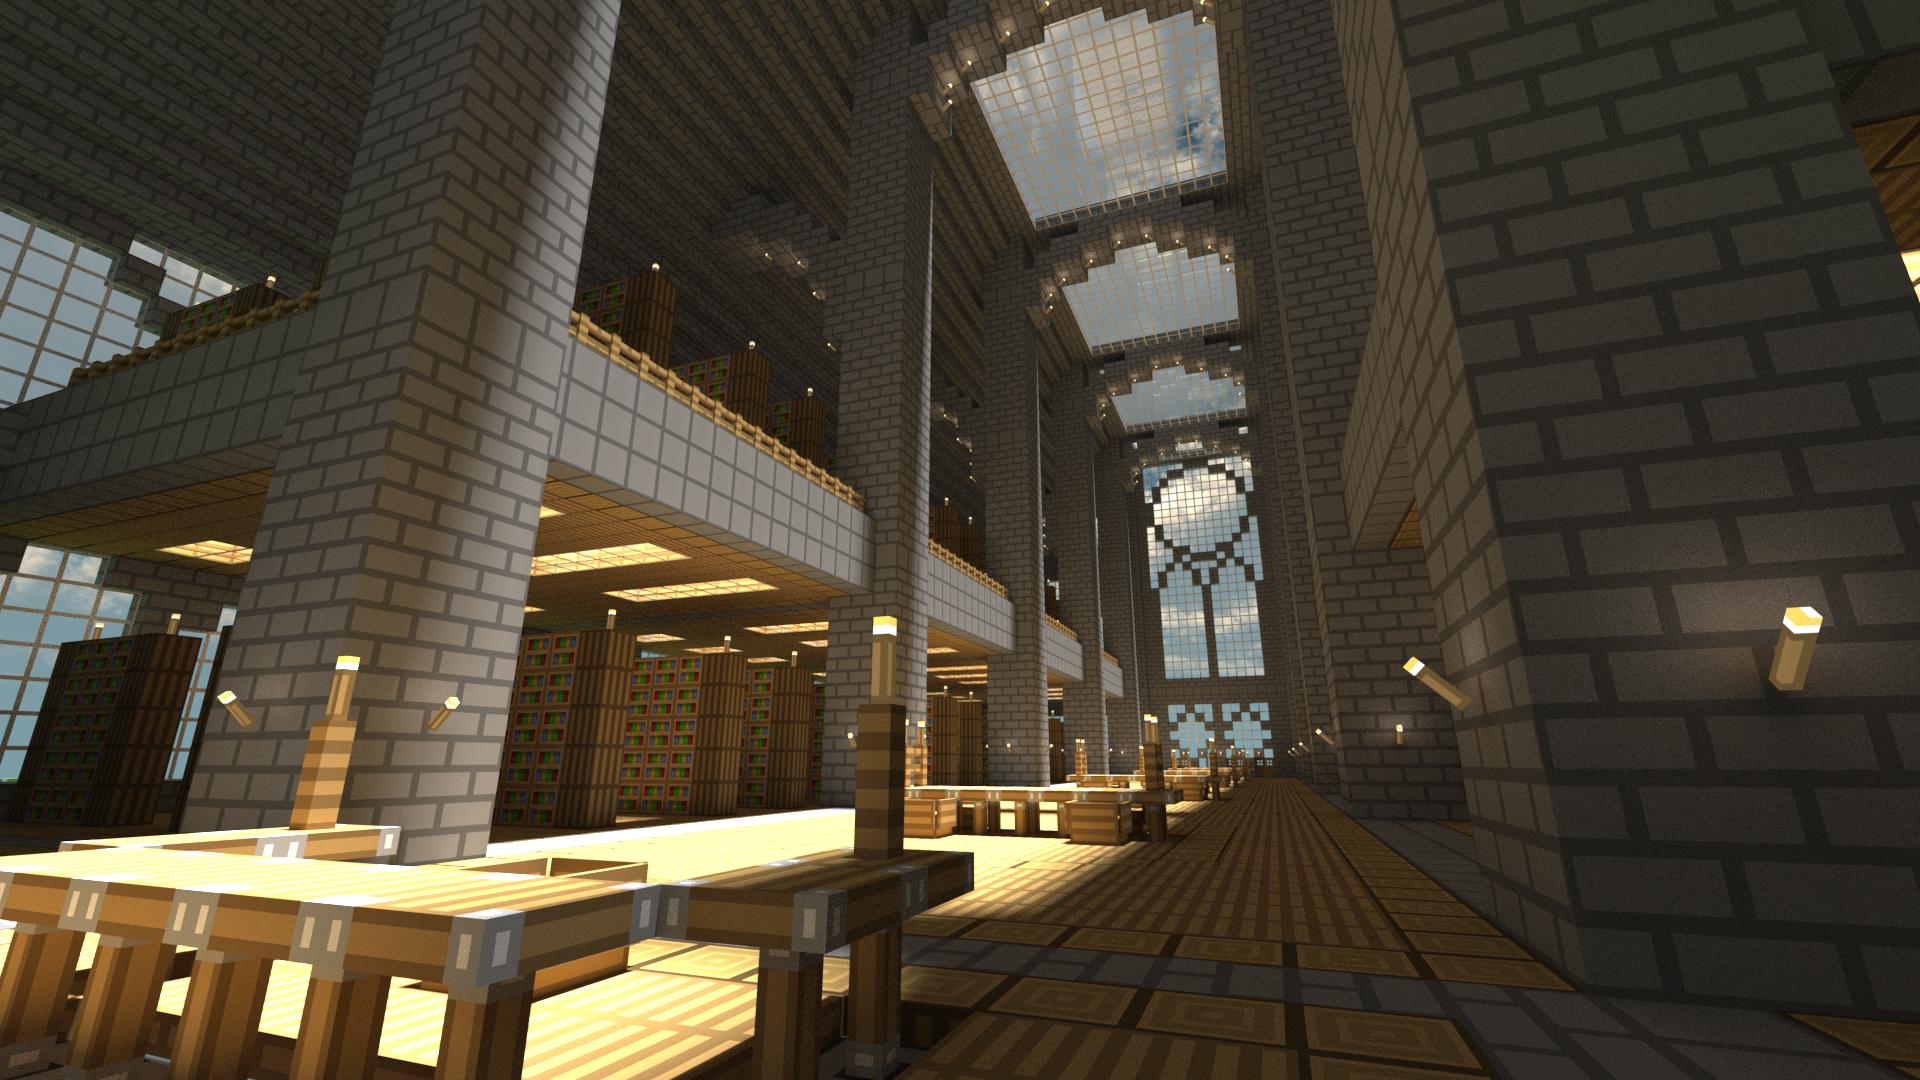 Minecraft Library by pyrohmstr